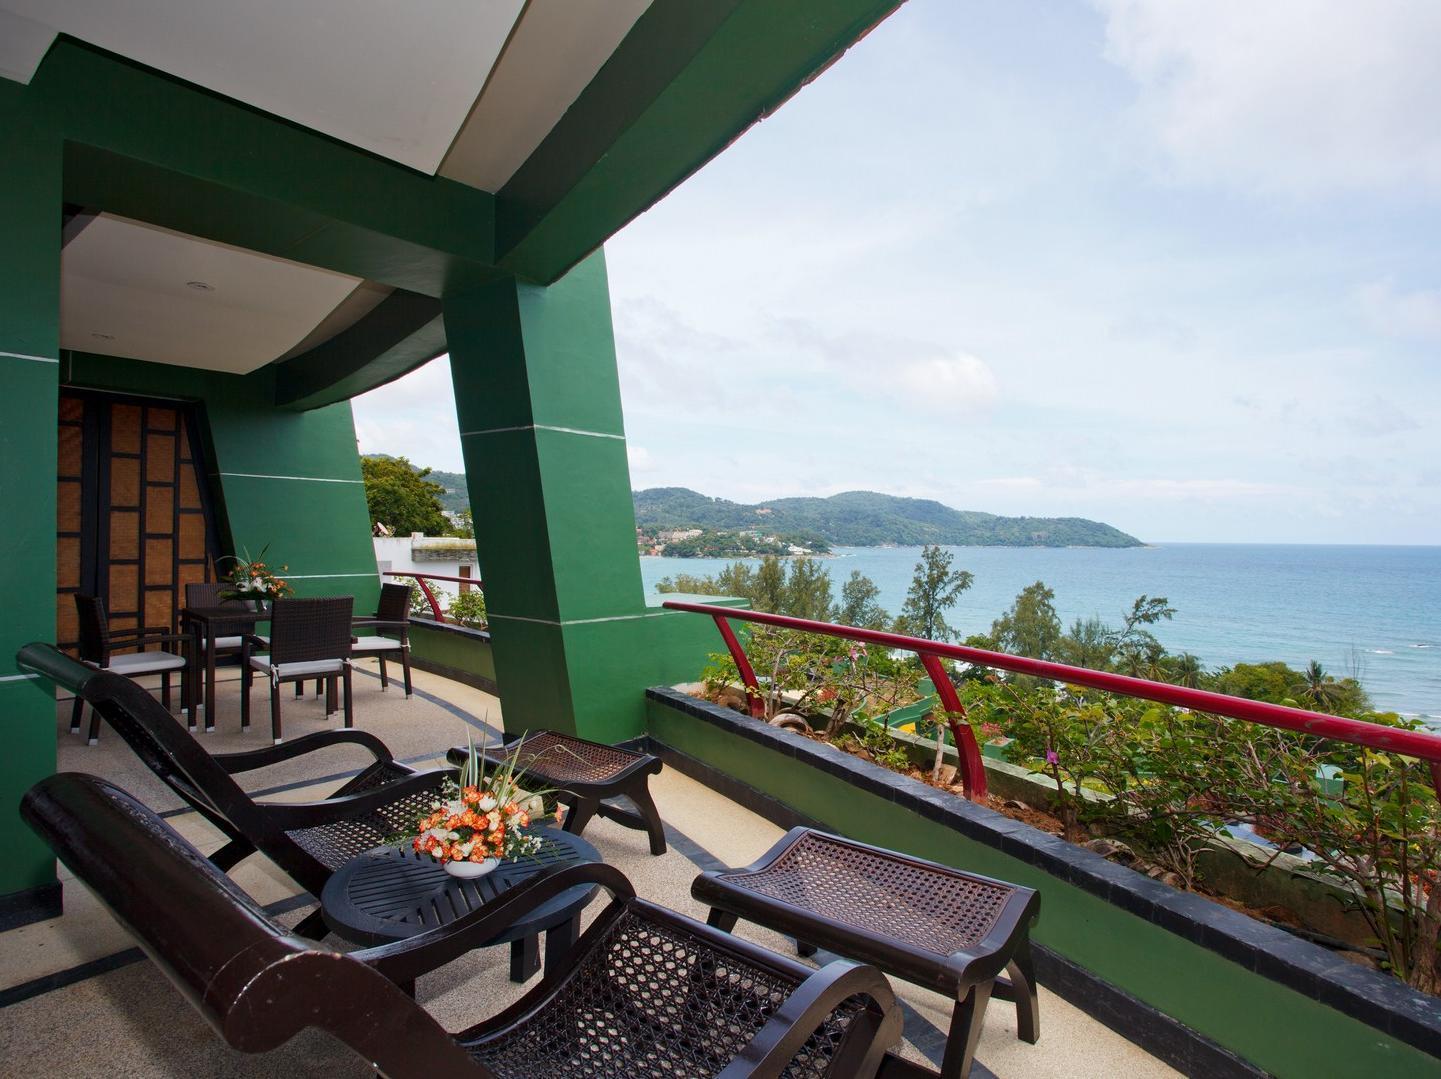 Hotell The Aspasia Hotel i Kata, Phuket. Klicka för att läsa mer och skicka bokningsförfrågan